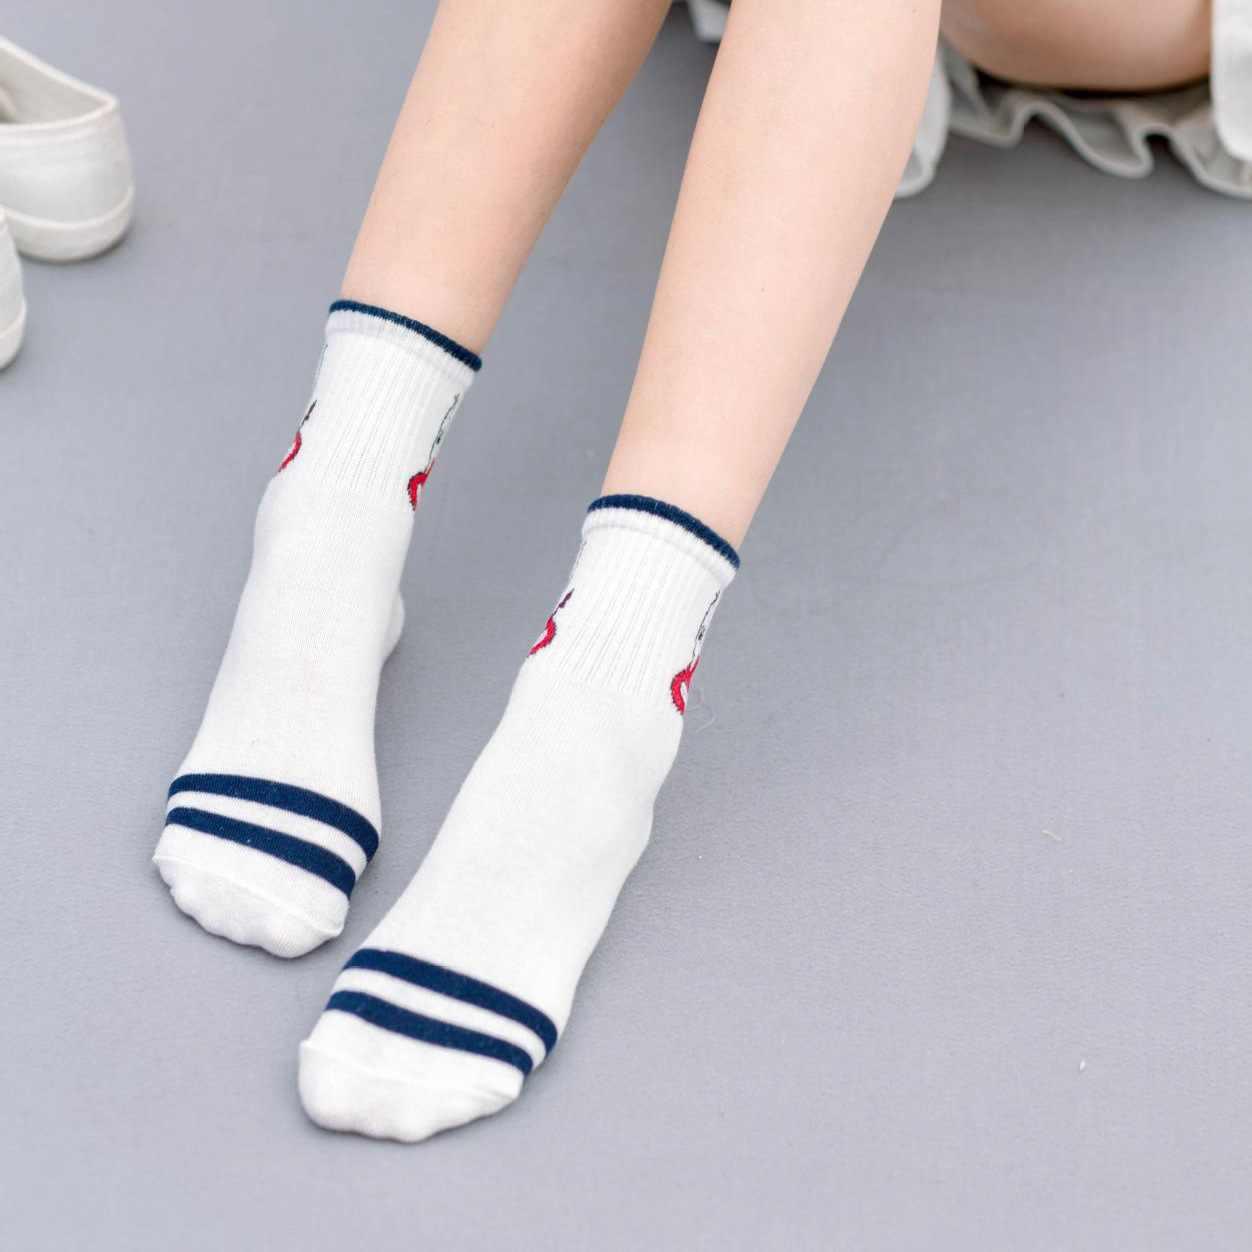 Çizgi film karakteri sevimli kısa çorap kadın Harajuku sevimli desenli ayak bileği çorap Hipster kaykay ayak bileği komik çoraplar kadın ZM-06